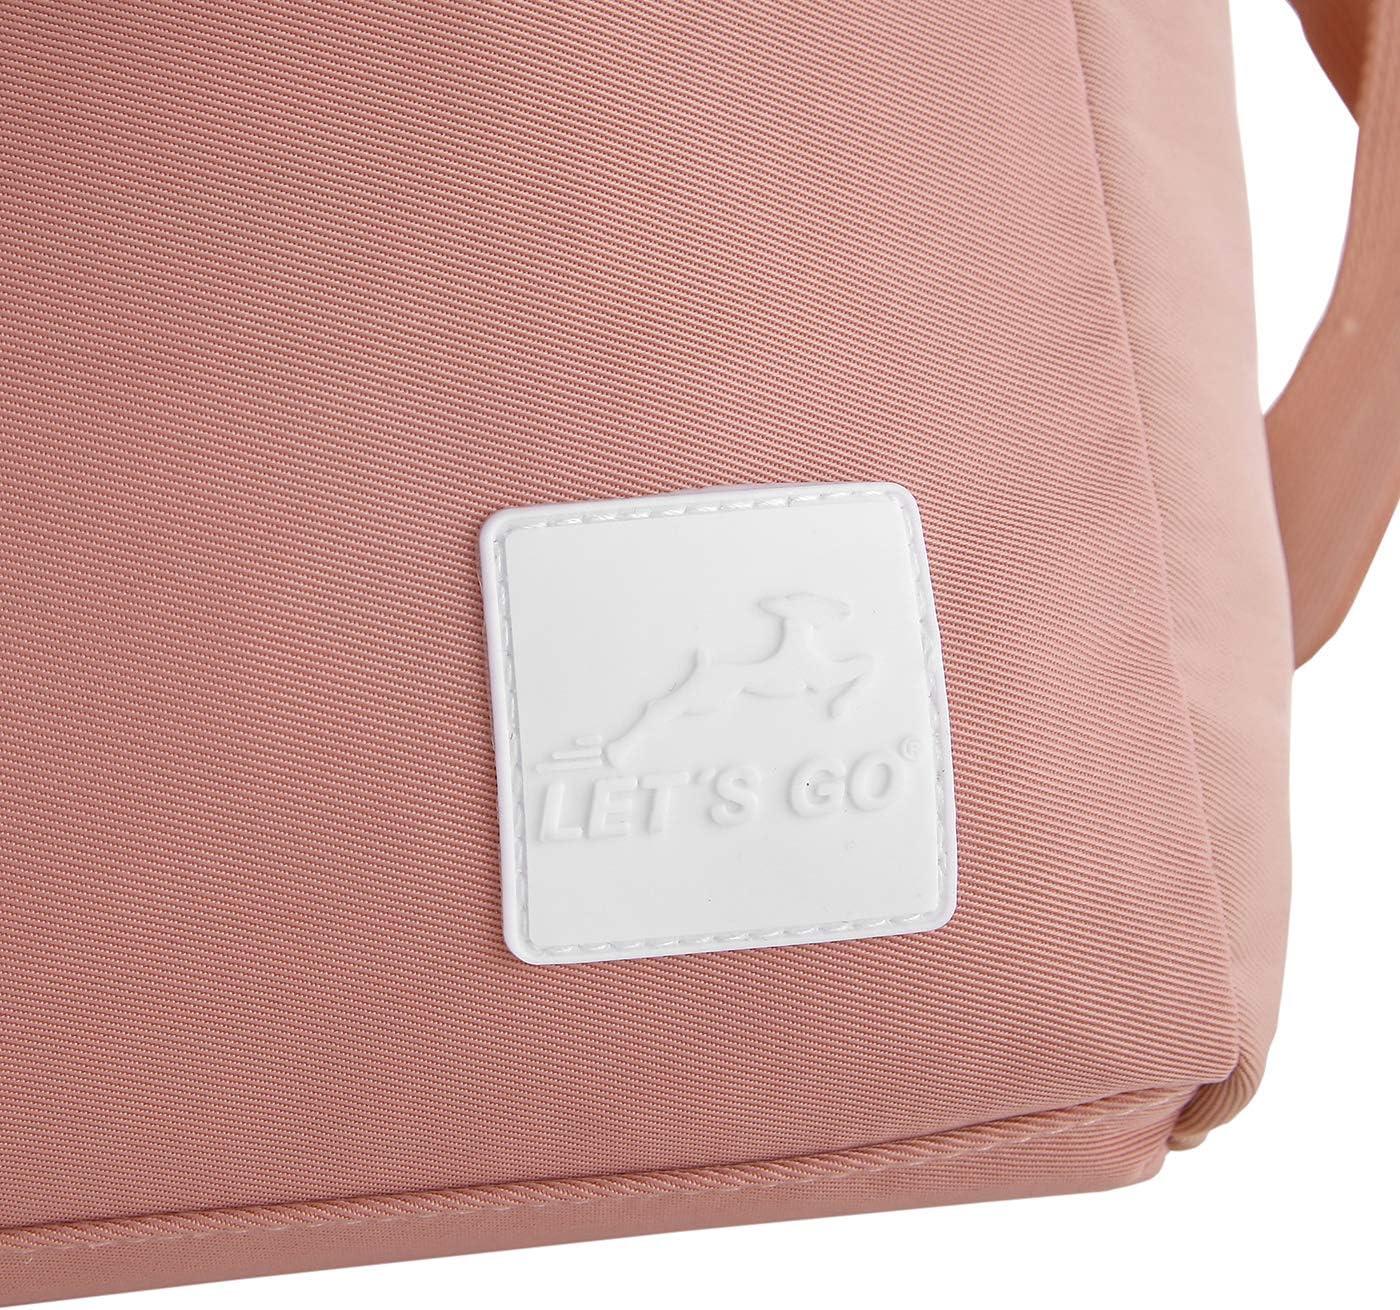 beige Lets Go moderner Weekender Dorethe Unisex XL-Shopper mit Umh/ängeriemen aus robustem Polyester 48 x 32,5 x 16 cm